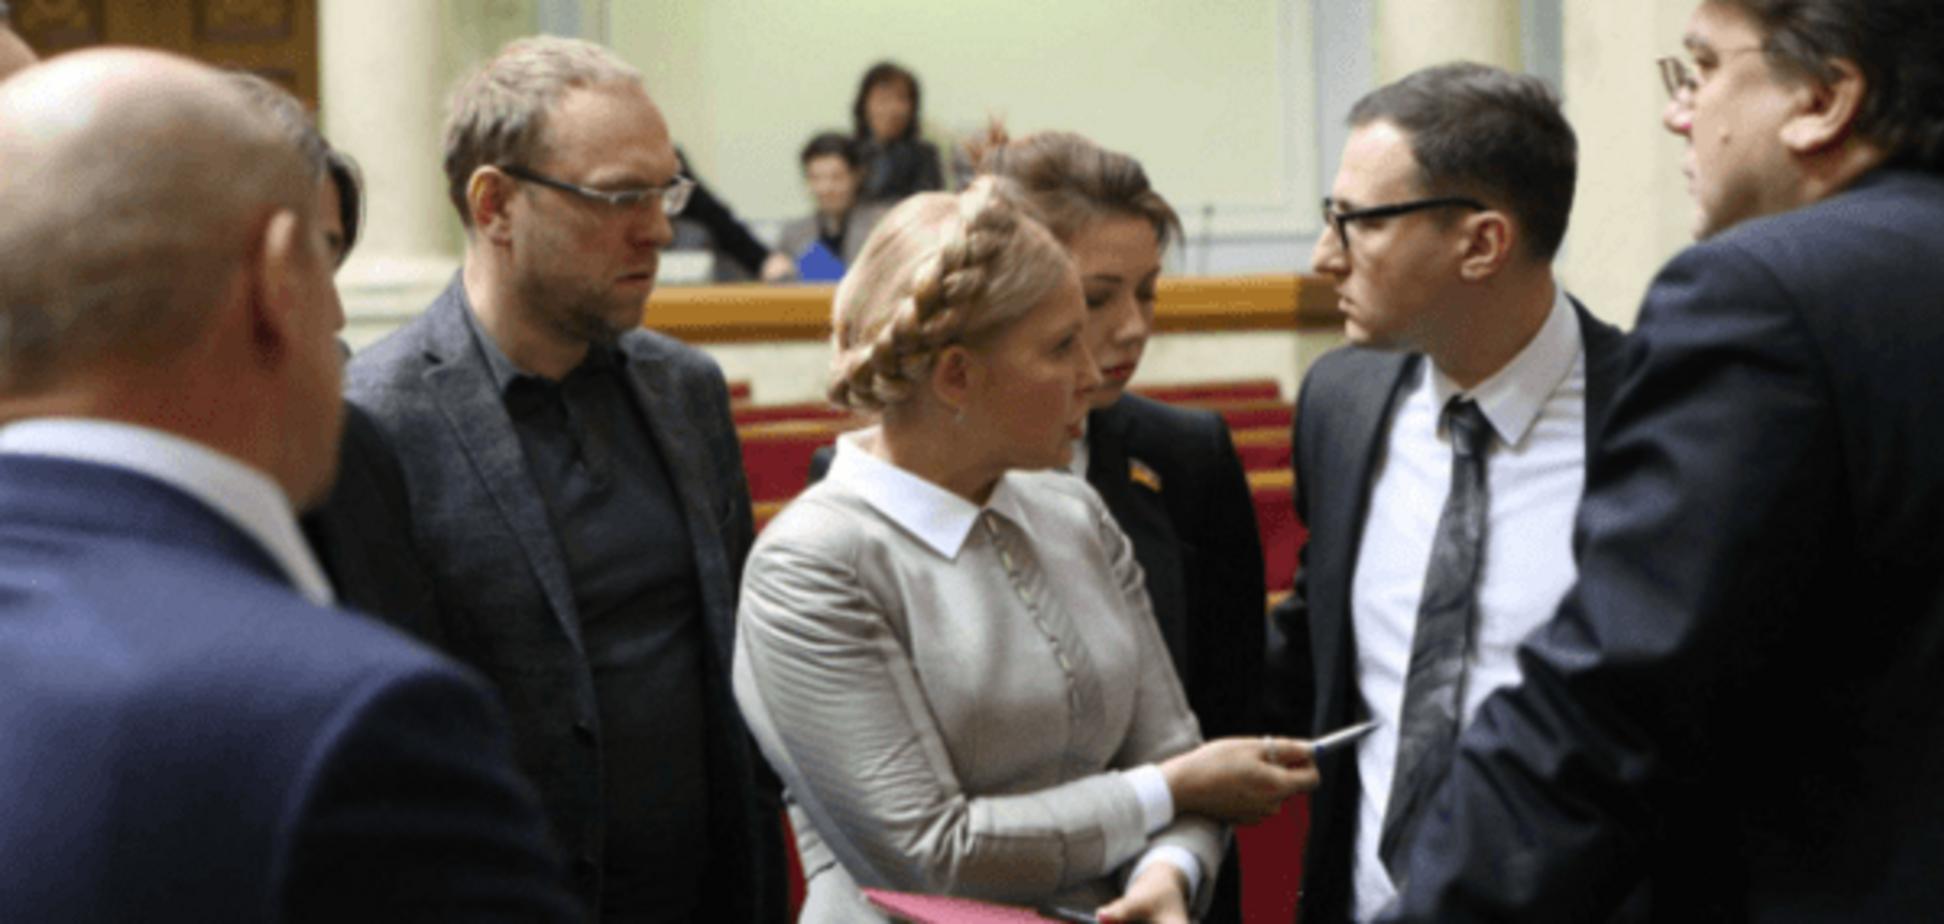 Новий розкол коаліції: 'Батьківщина' виступила проти децентралізації і закликала до відставки Яценюка